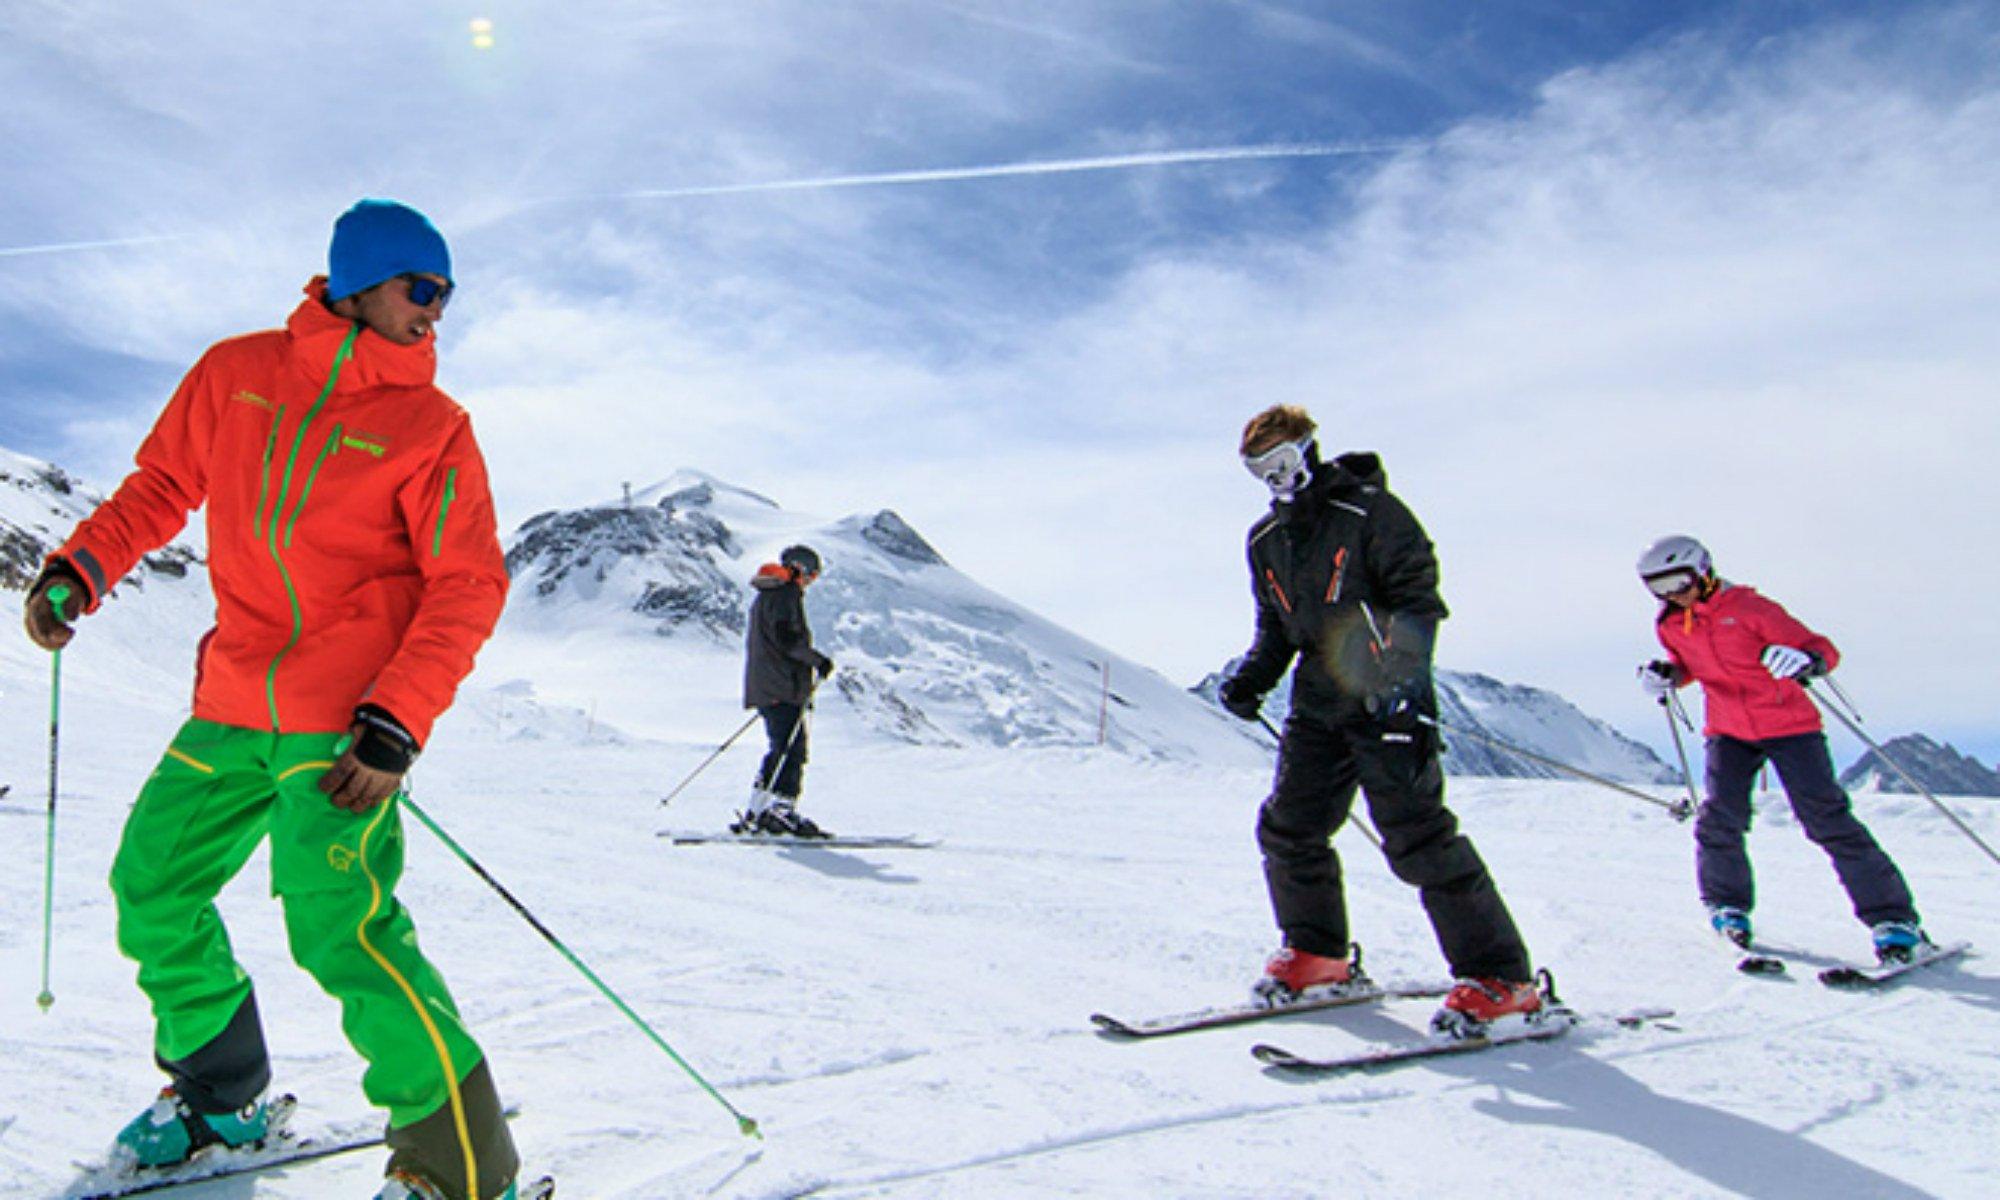 Un moniteur de ski et ses élèves adultes sur une piste enneigée.